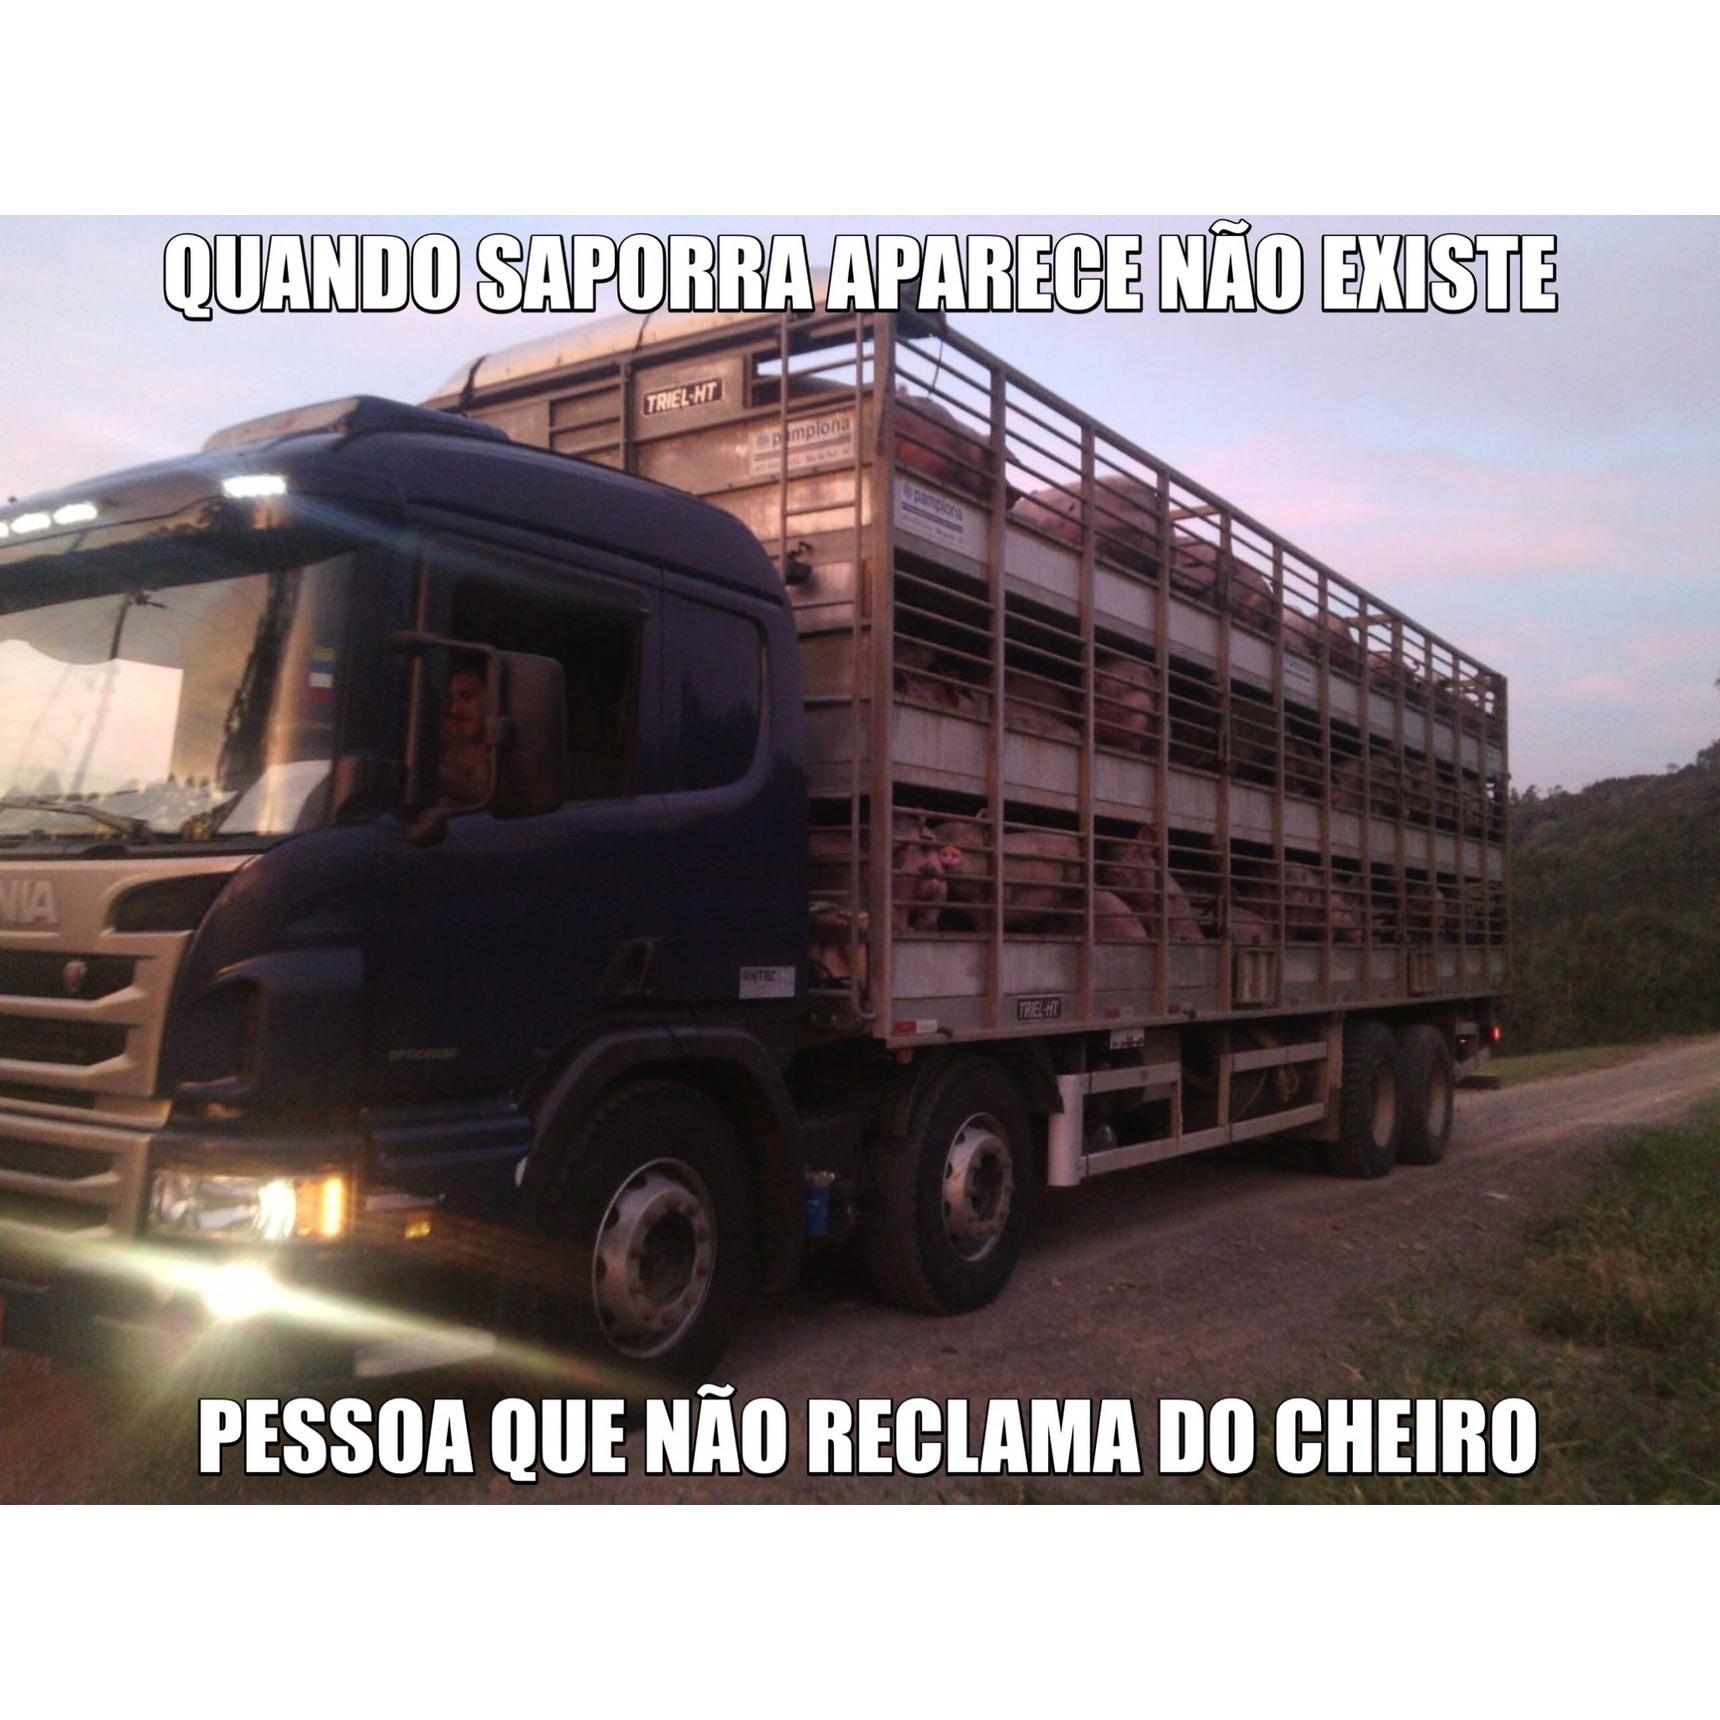 Meio de transporte da Peppa pig até o matadouro - meme